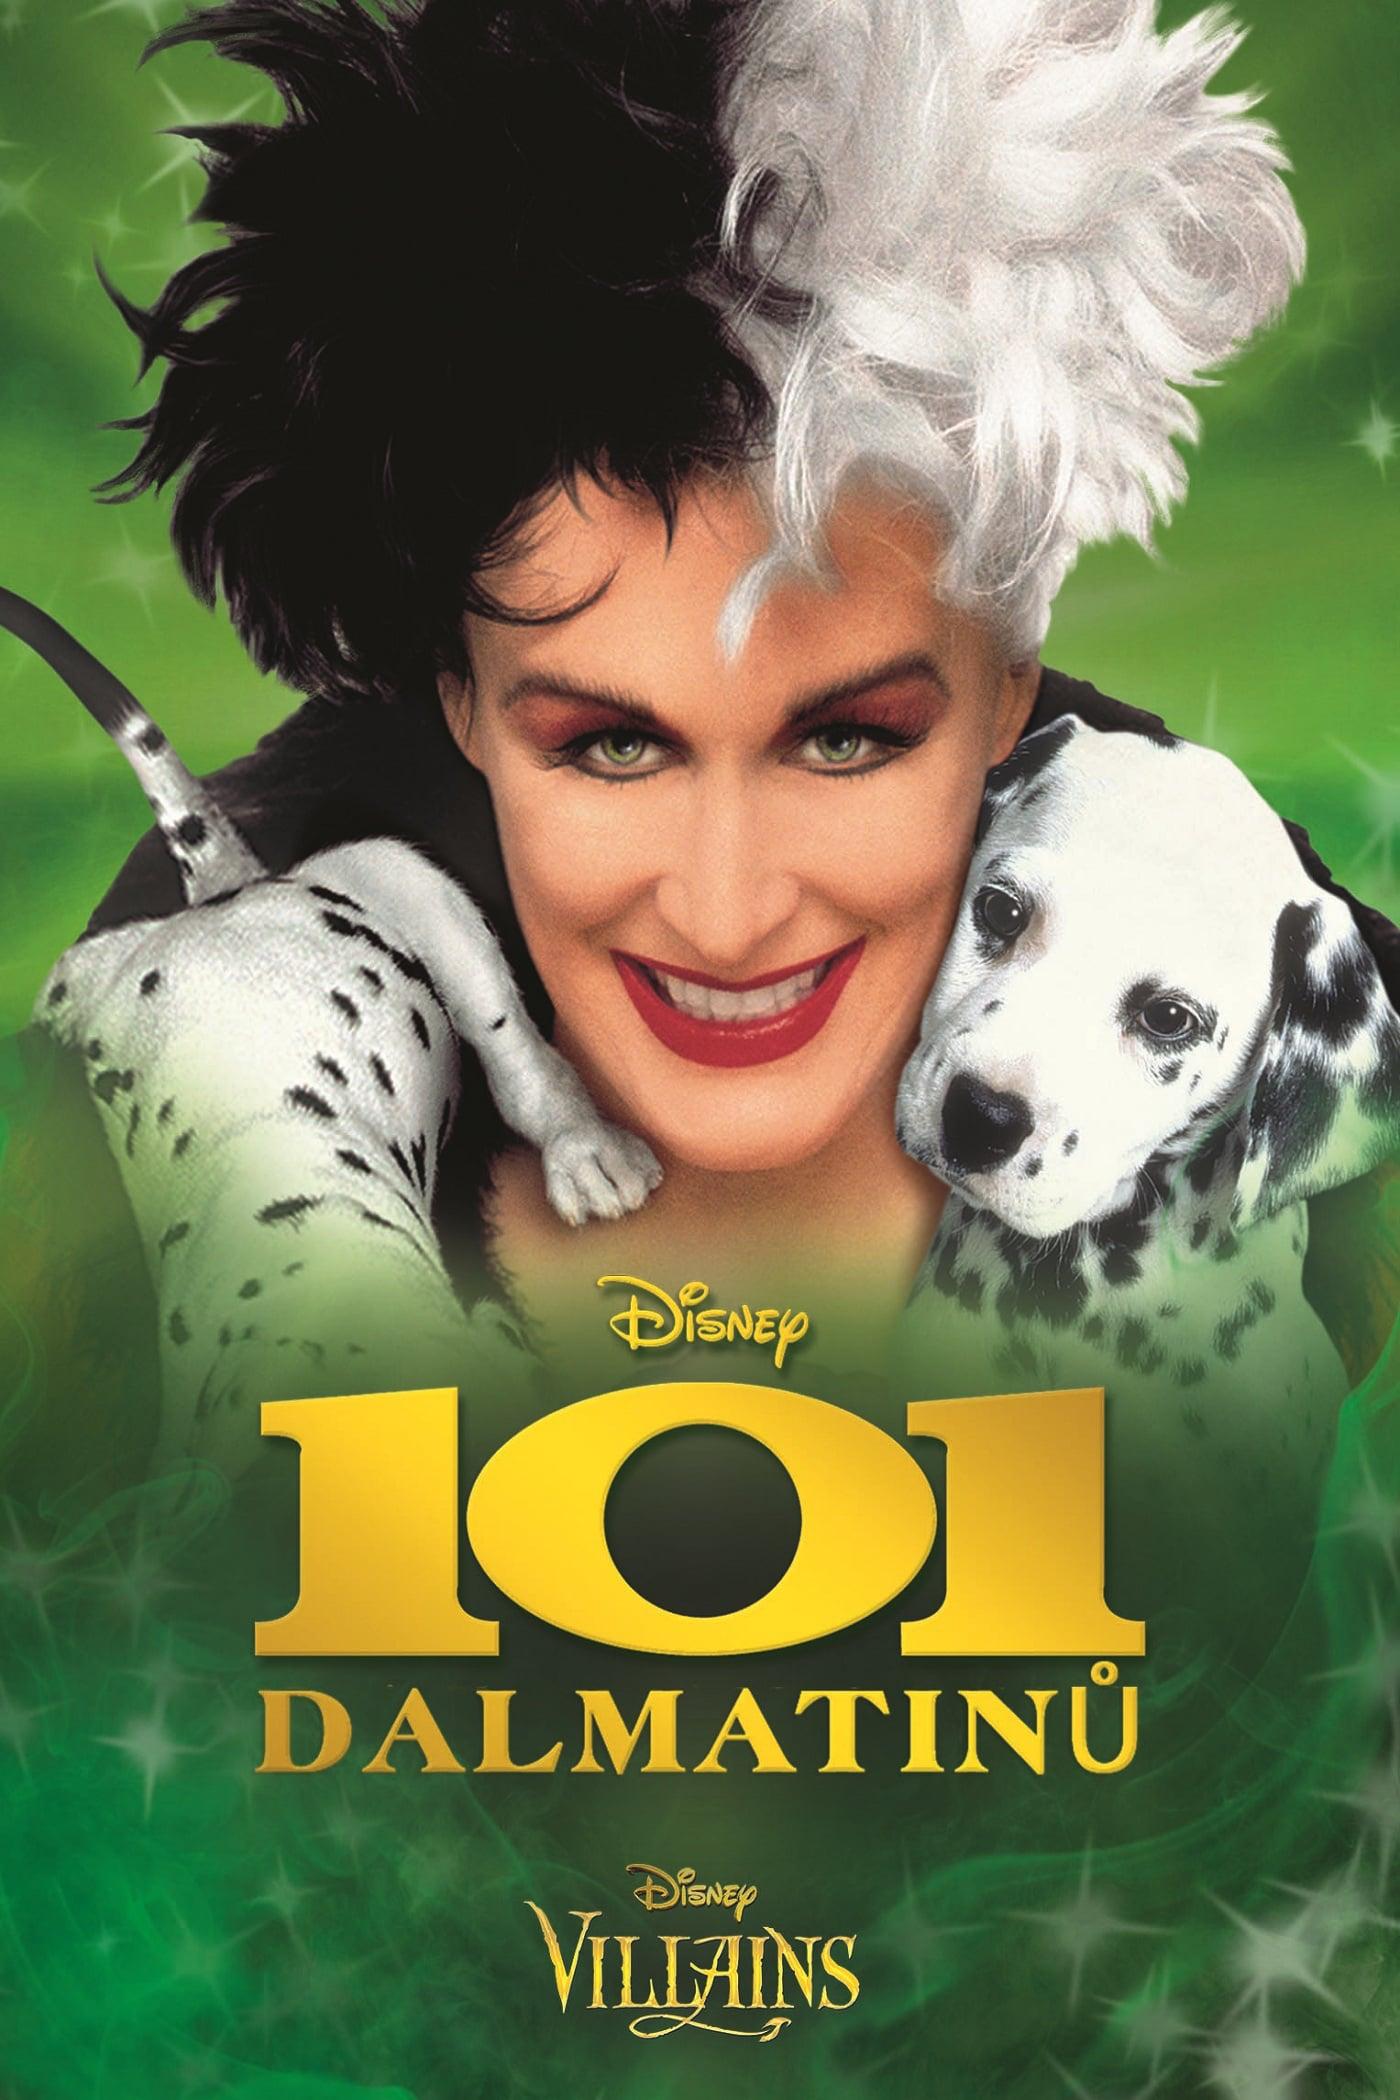 101 Dalmatians 1996 Poster Disney Foto 43221257 Fanpop